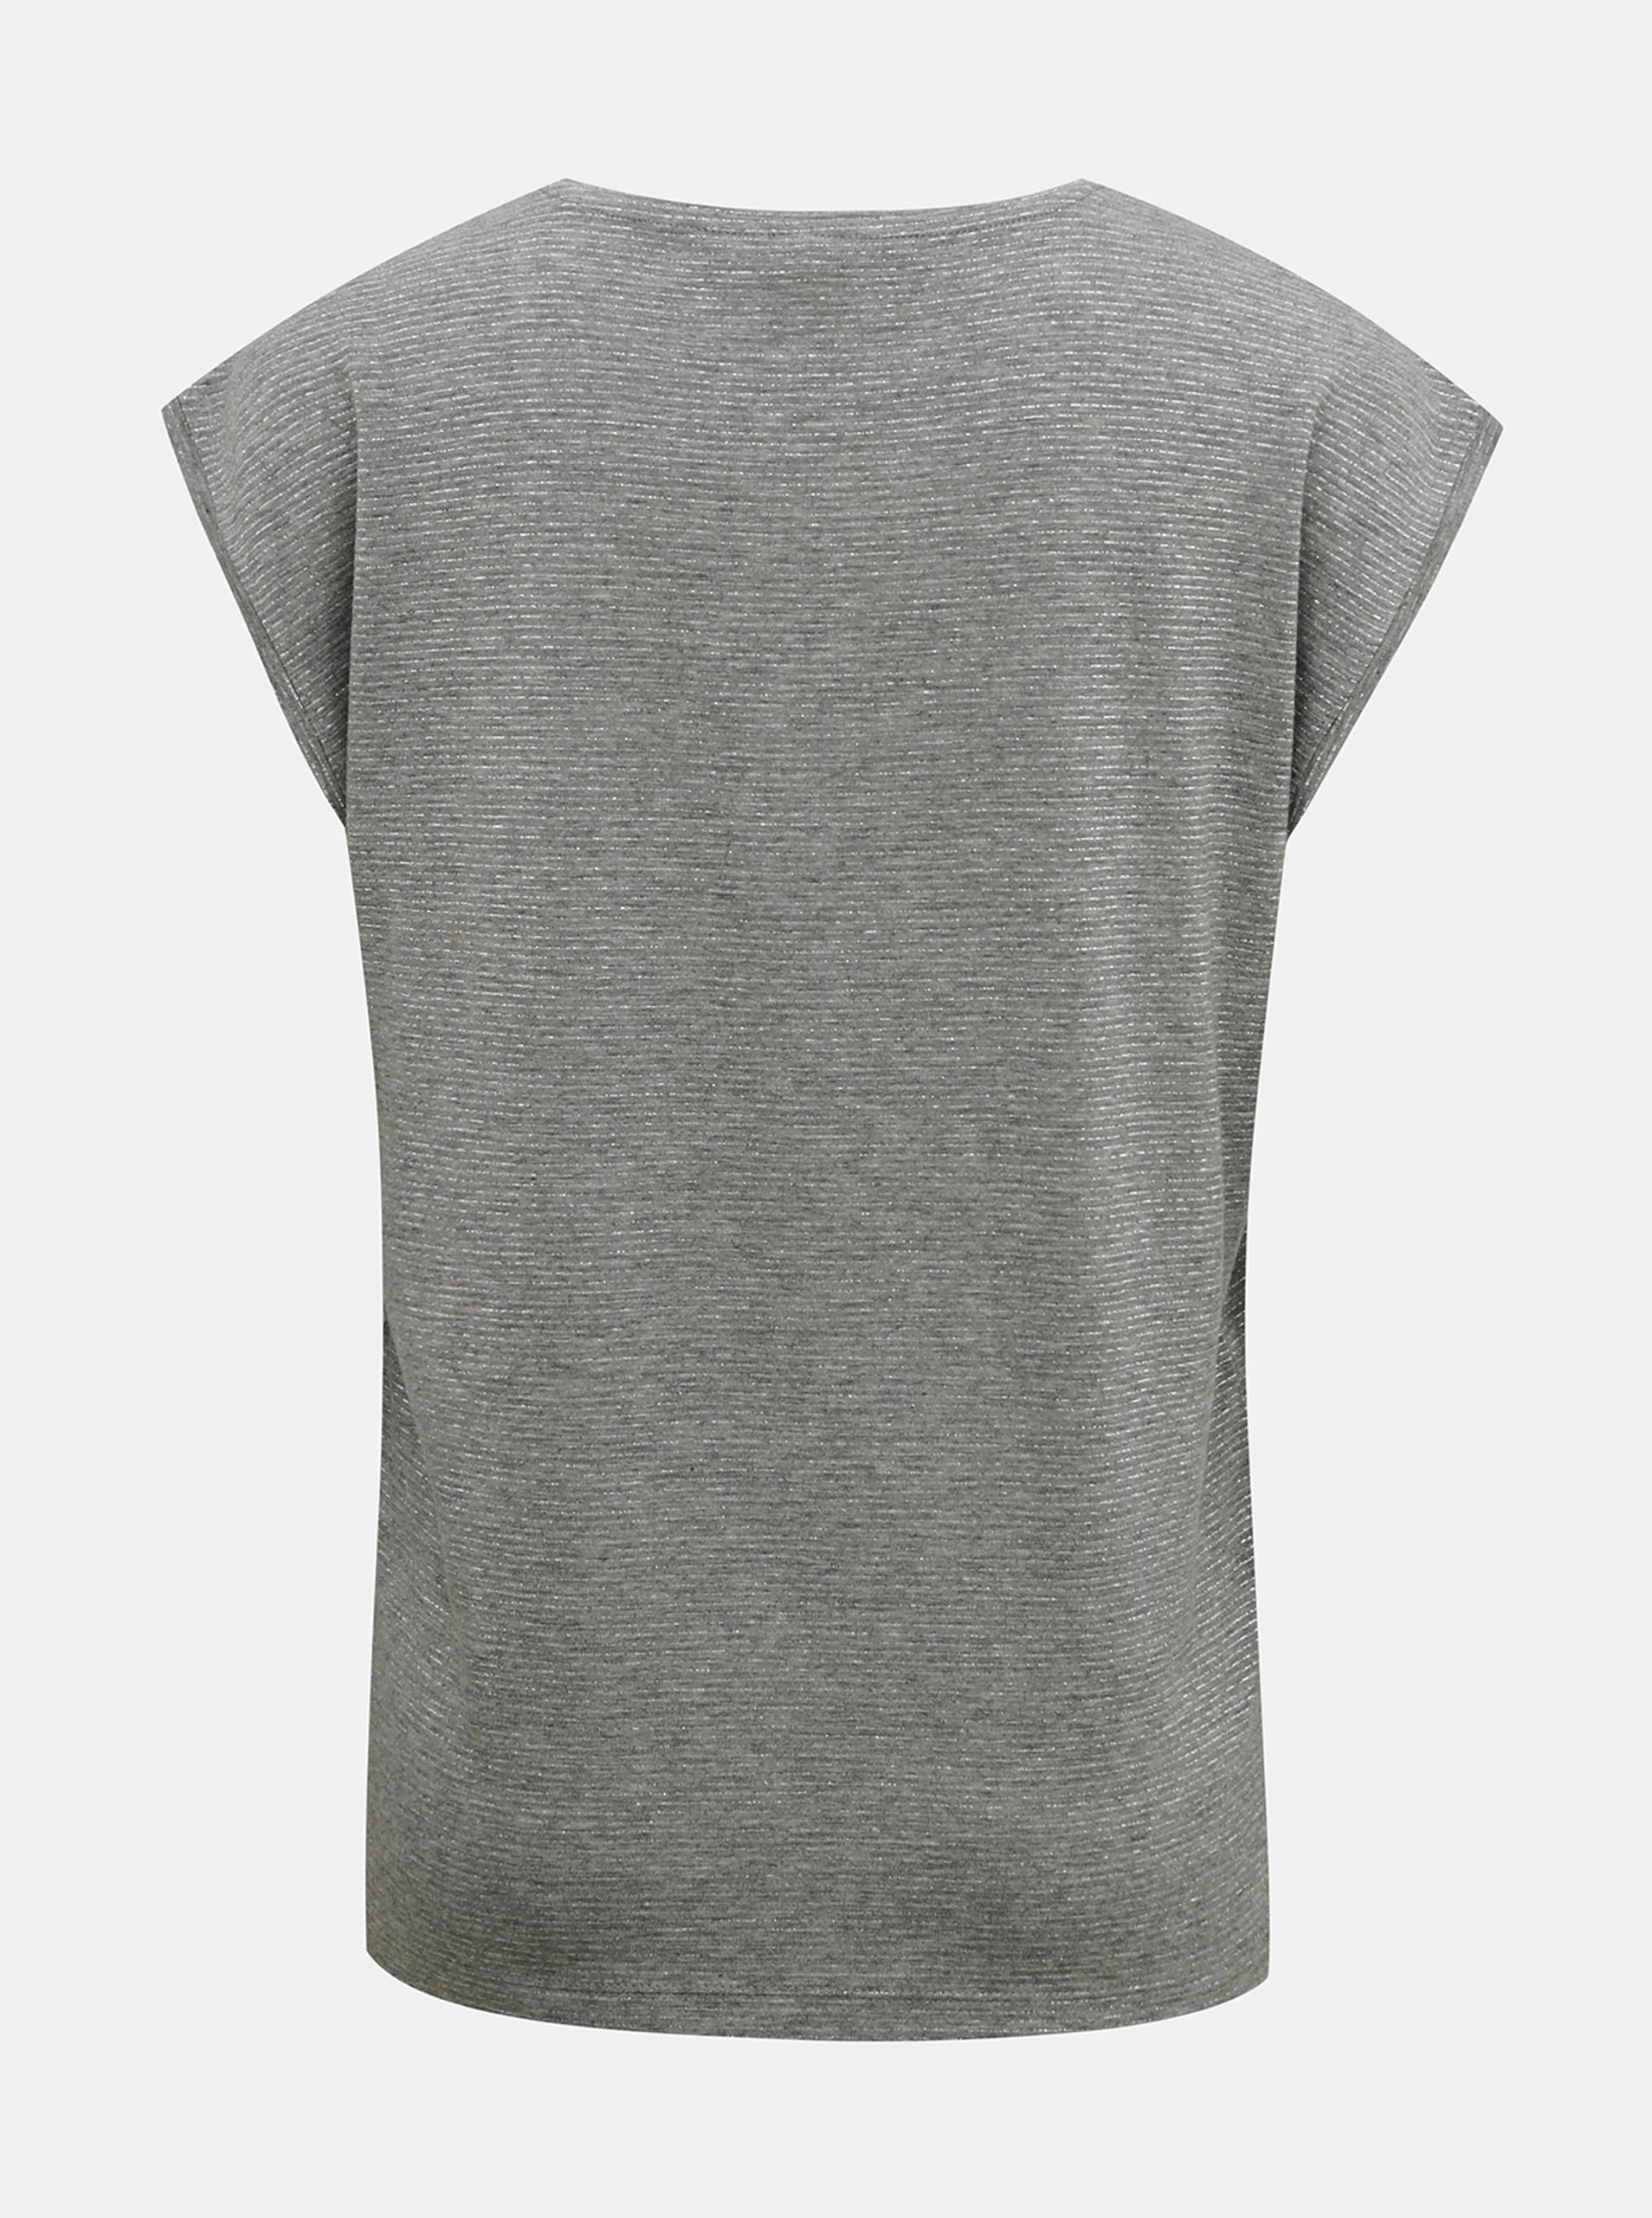 Siva majica s kovinskimi vlakni Kosi